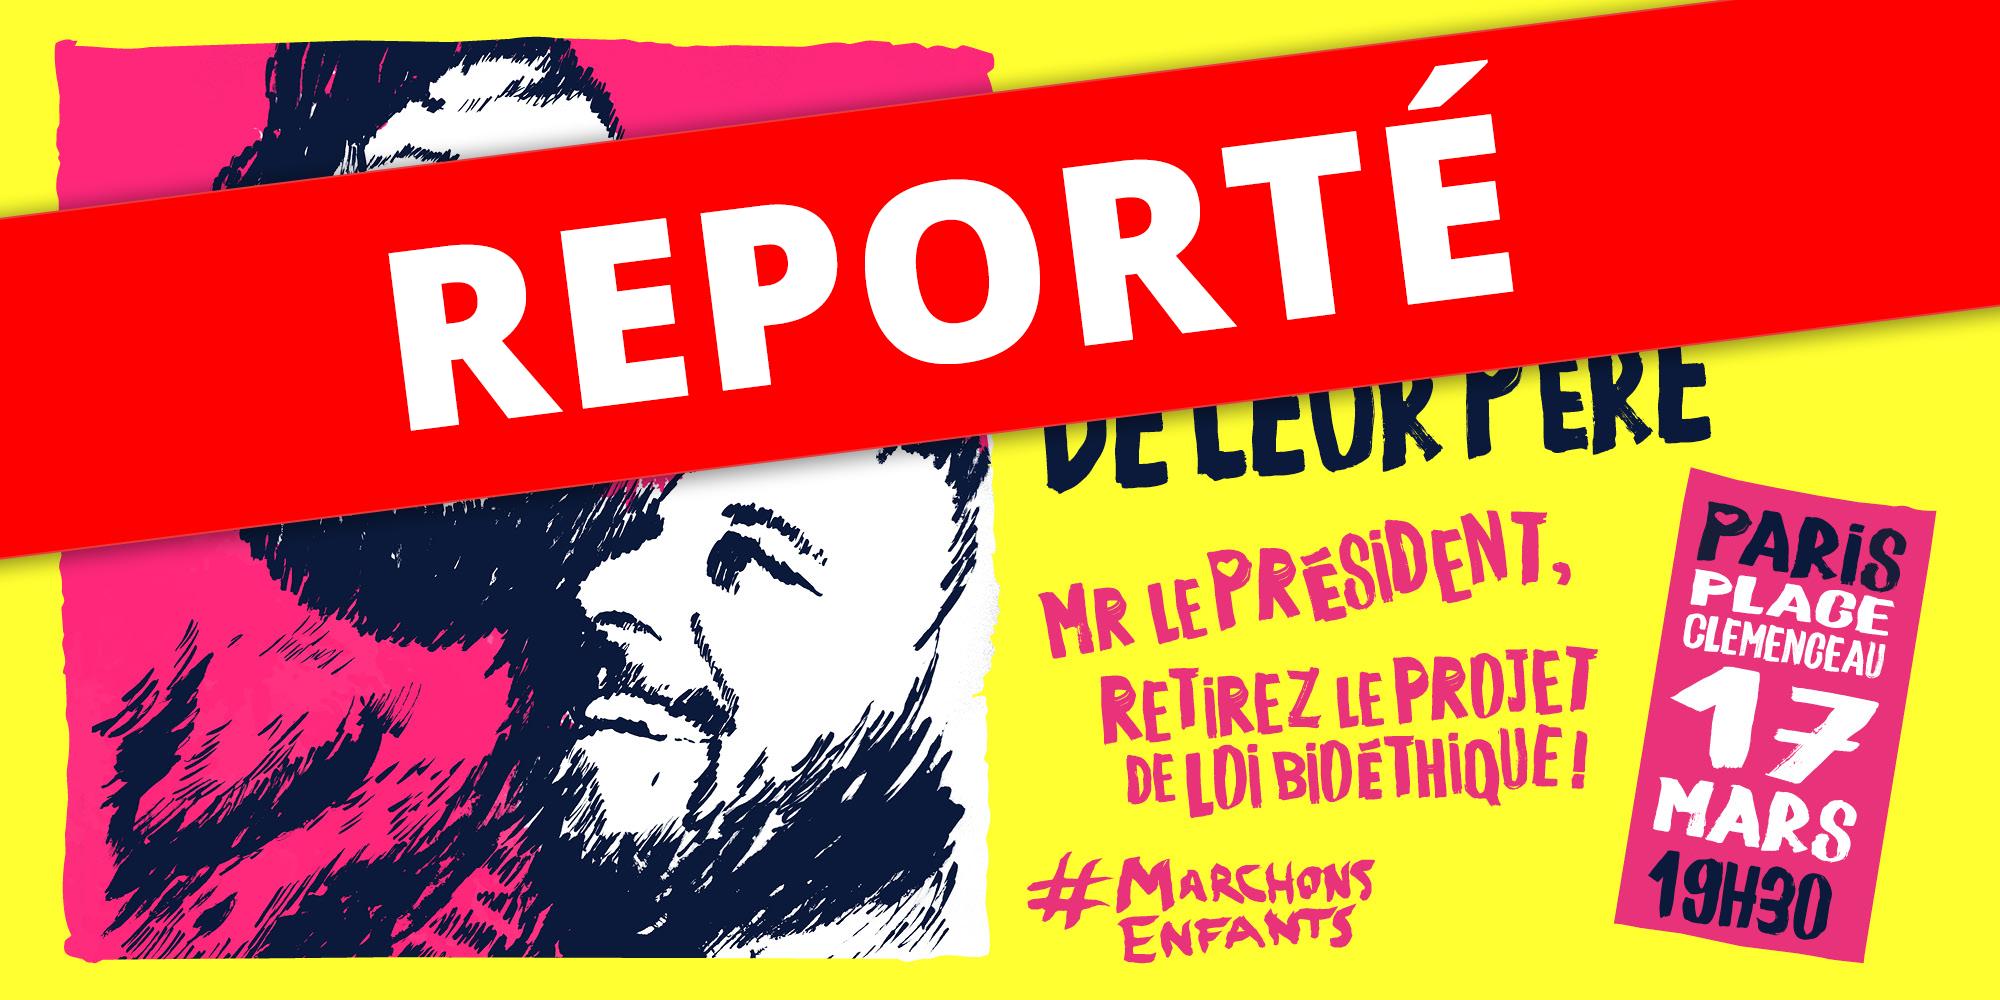 Image - REPORTÉ : Mobilisation Marchons Enfants contre le projet de loi bioéthique !